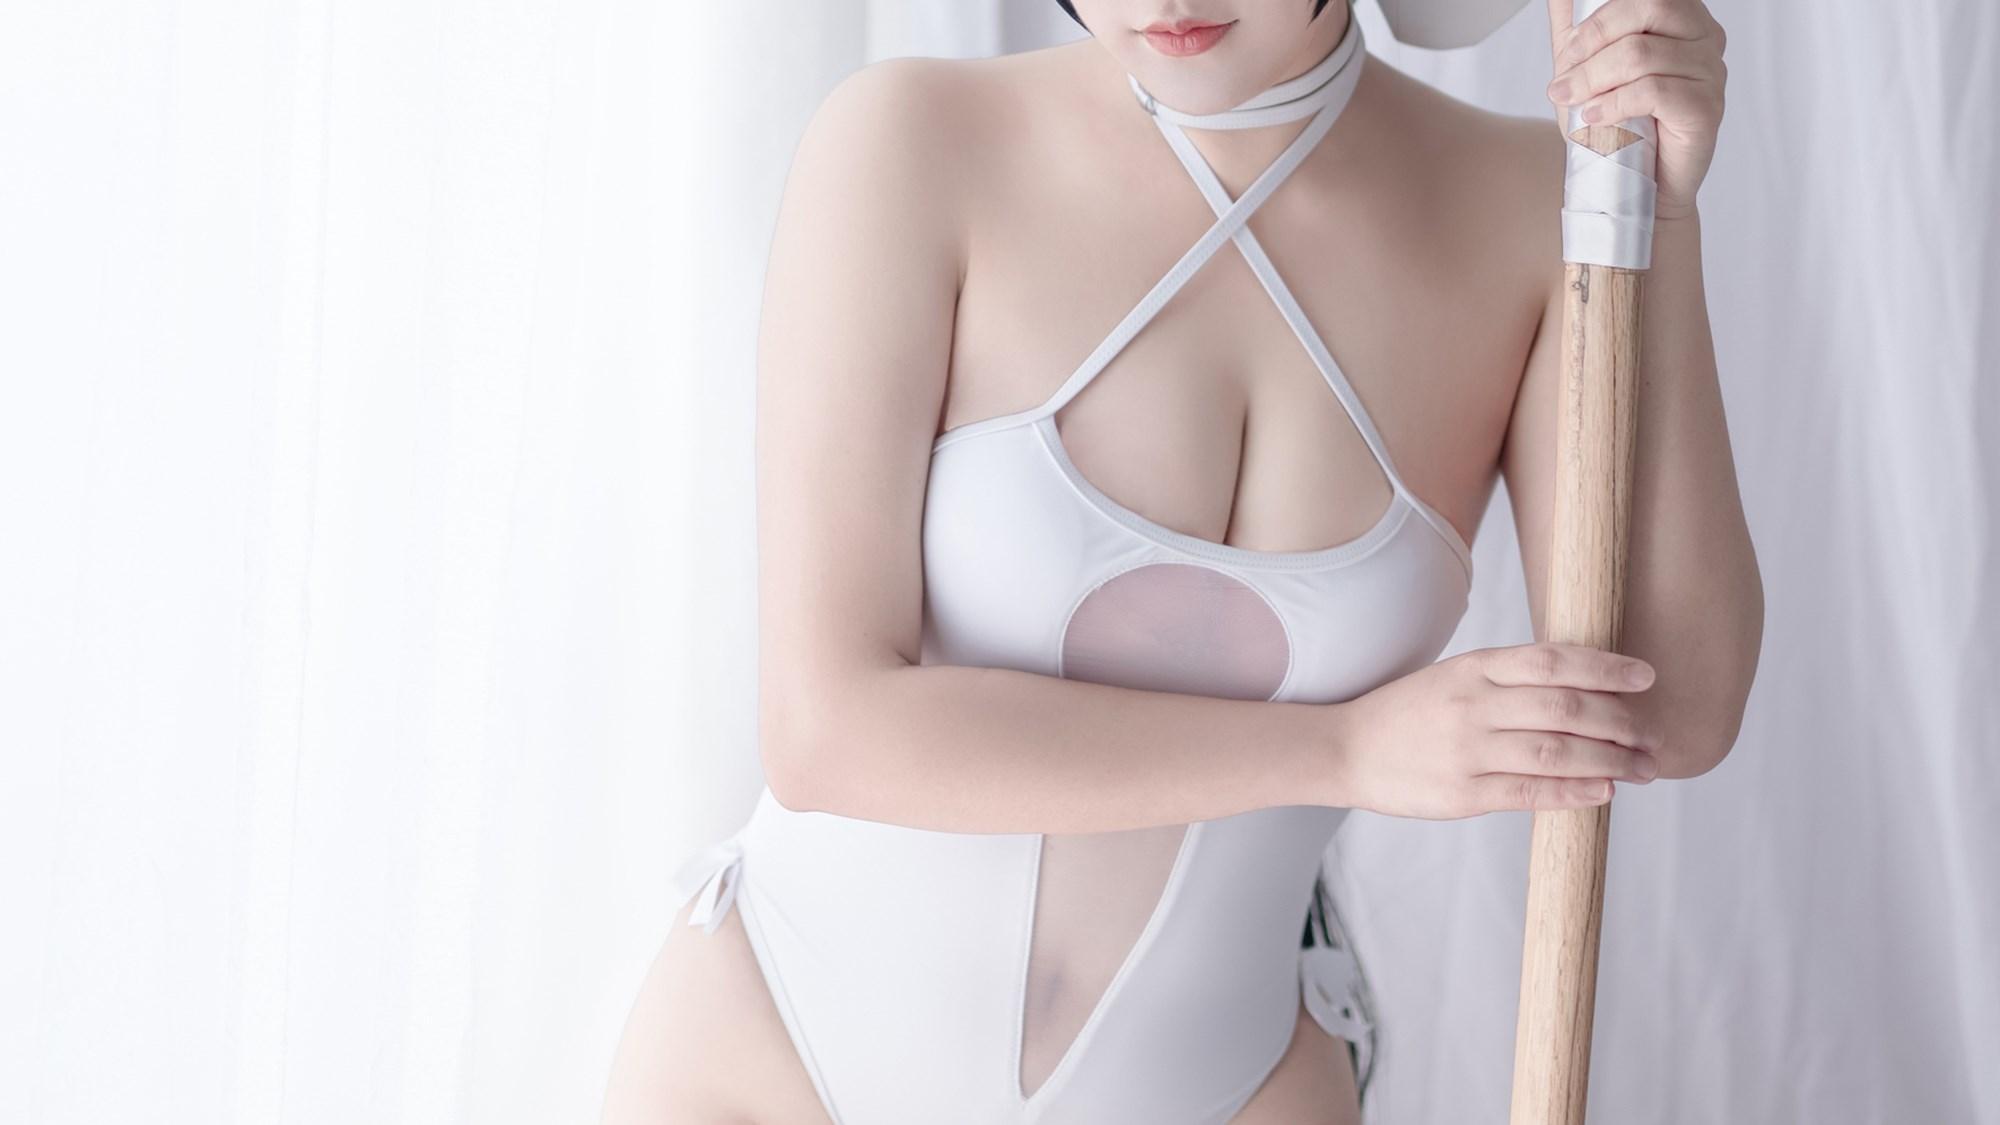 【兔玩映画】深渊巨乳 兔玩映画 第40张